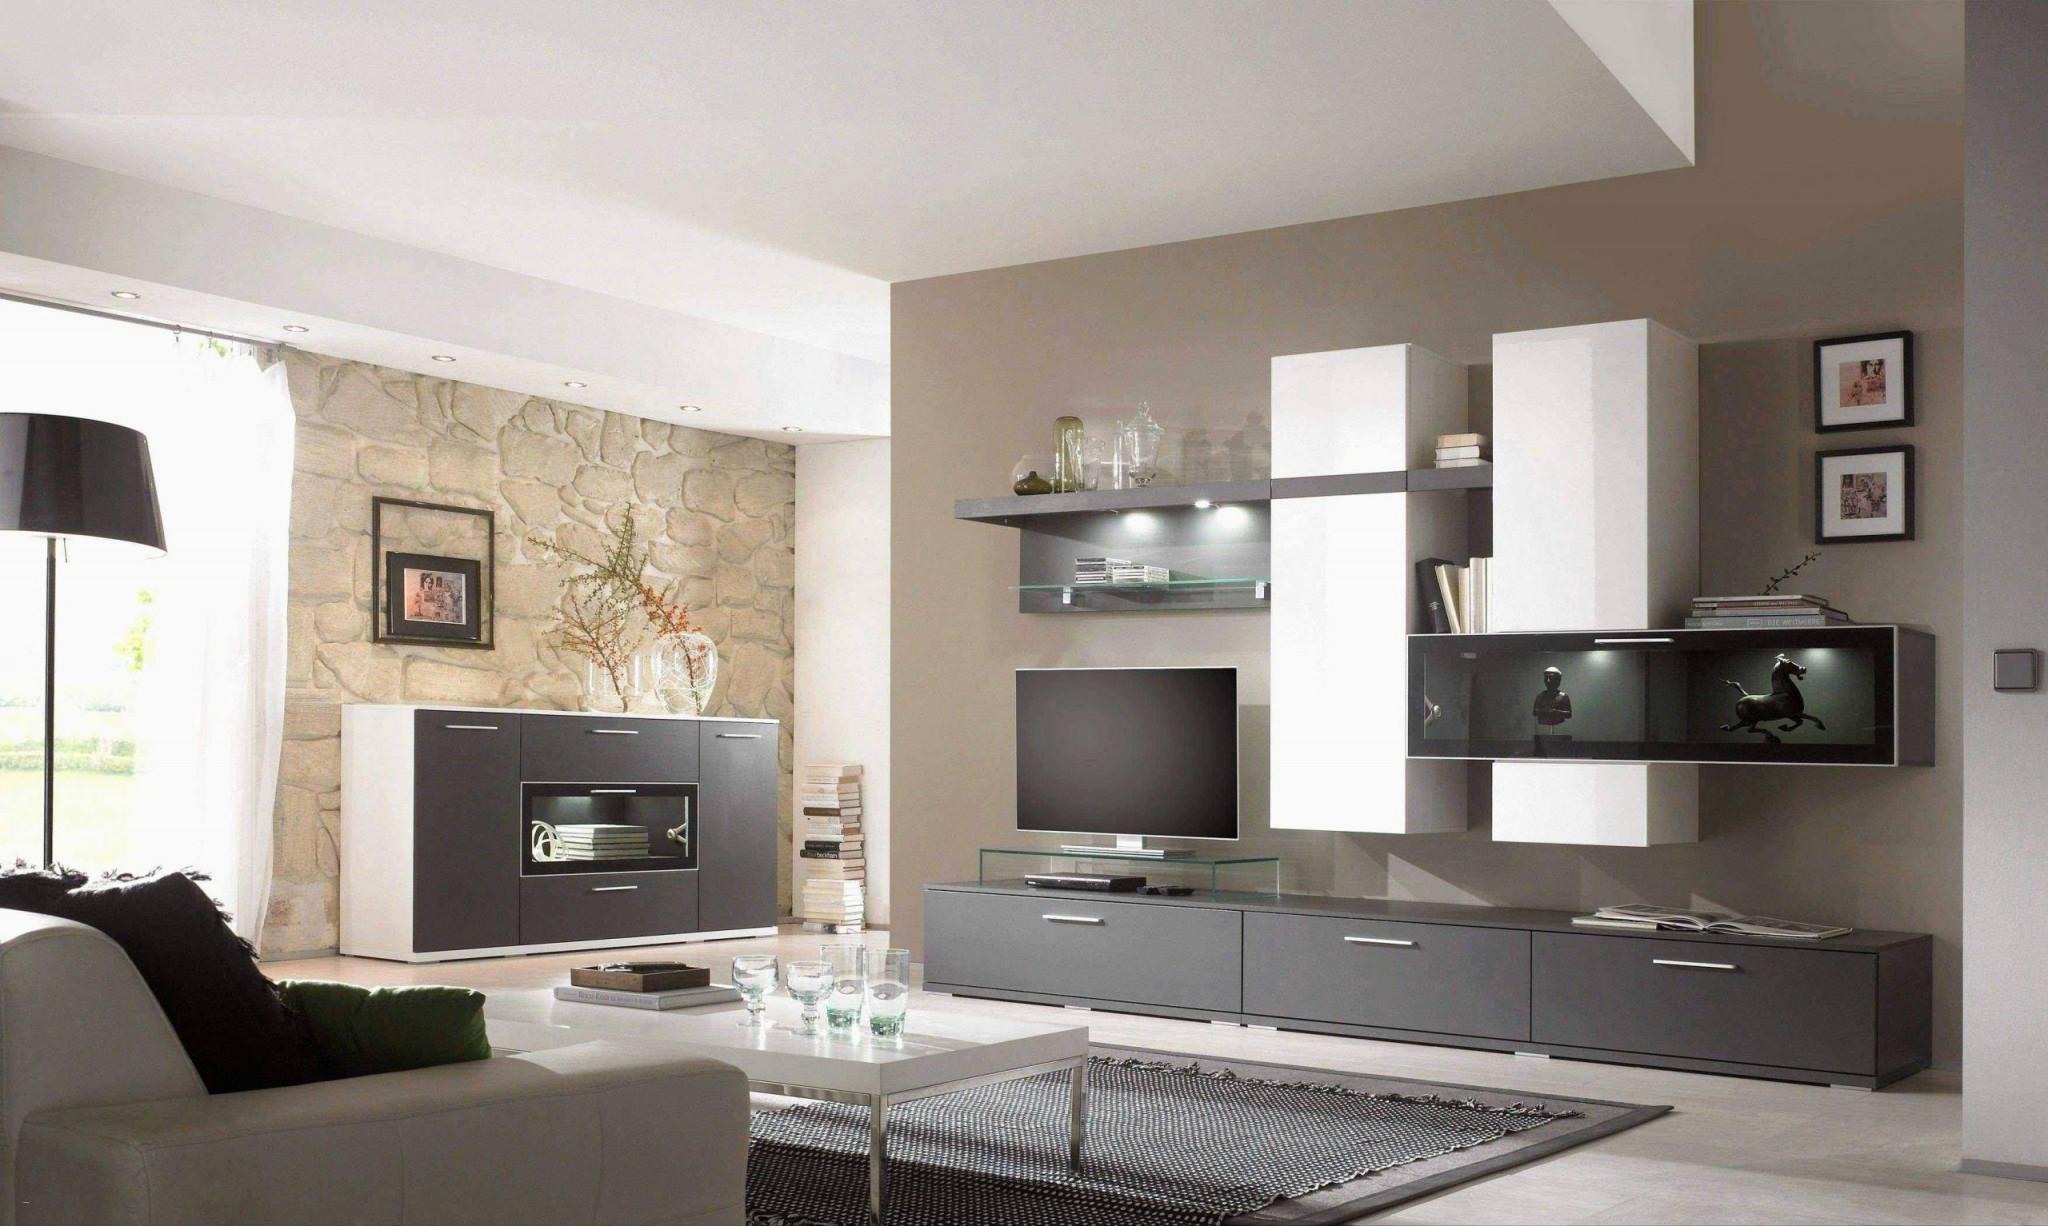 Wohnzimmer Ideen Wandgestaltung Streifen Schön Best von Wohnzimmer Ausmalen Ideen Bilder Photo